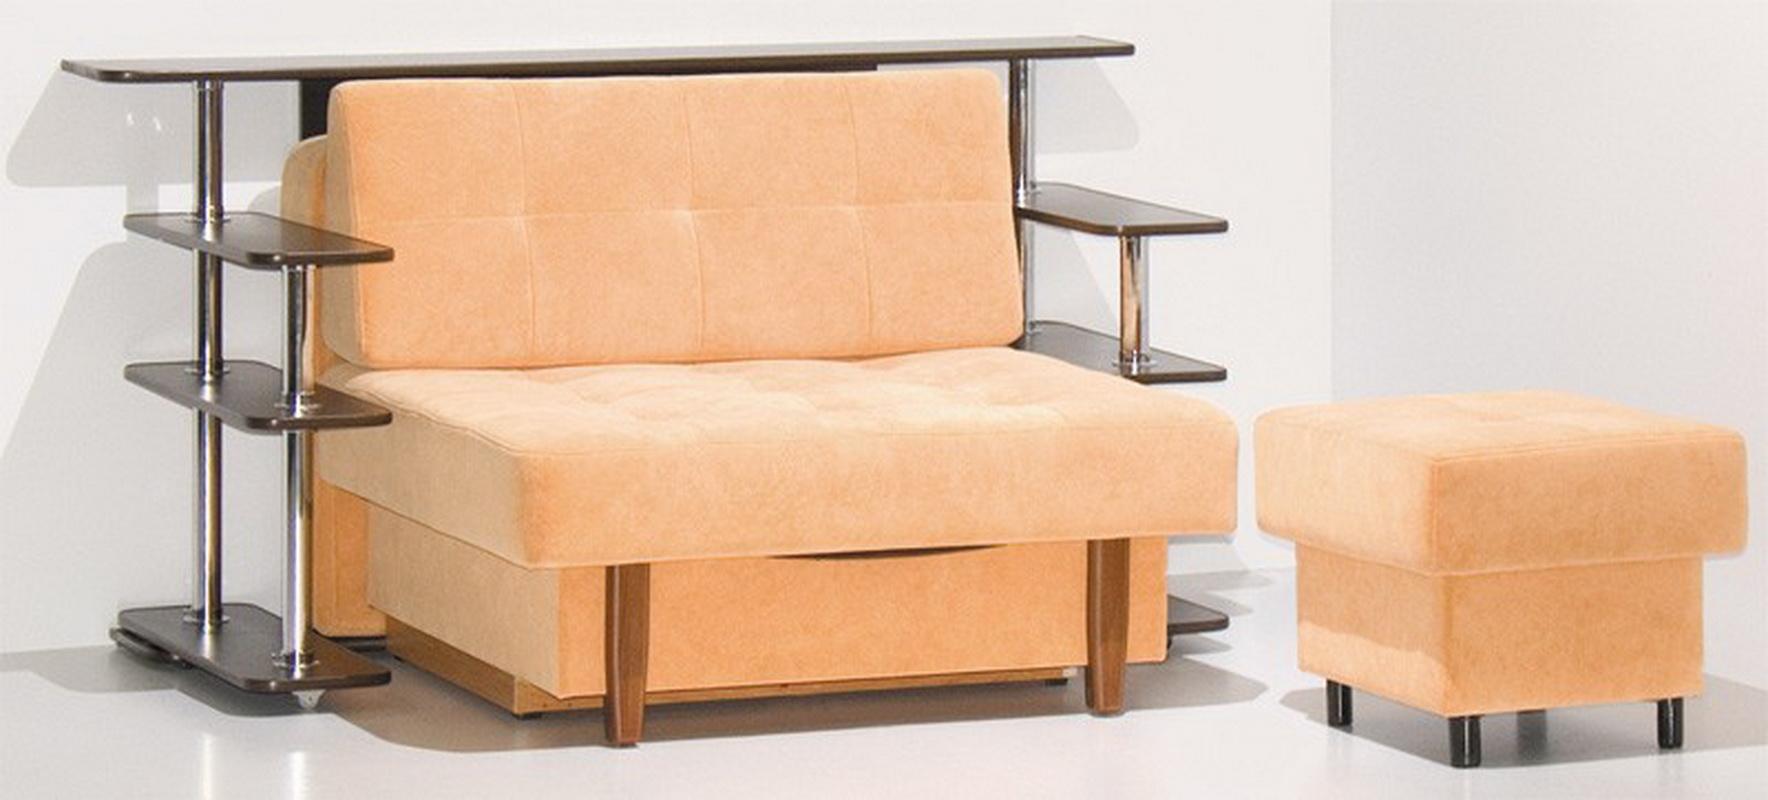 Что такое современный механизм для кресла тик так